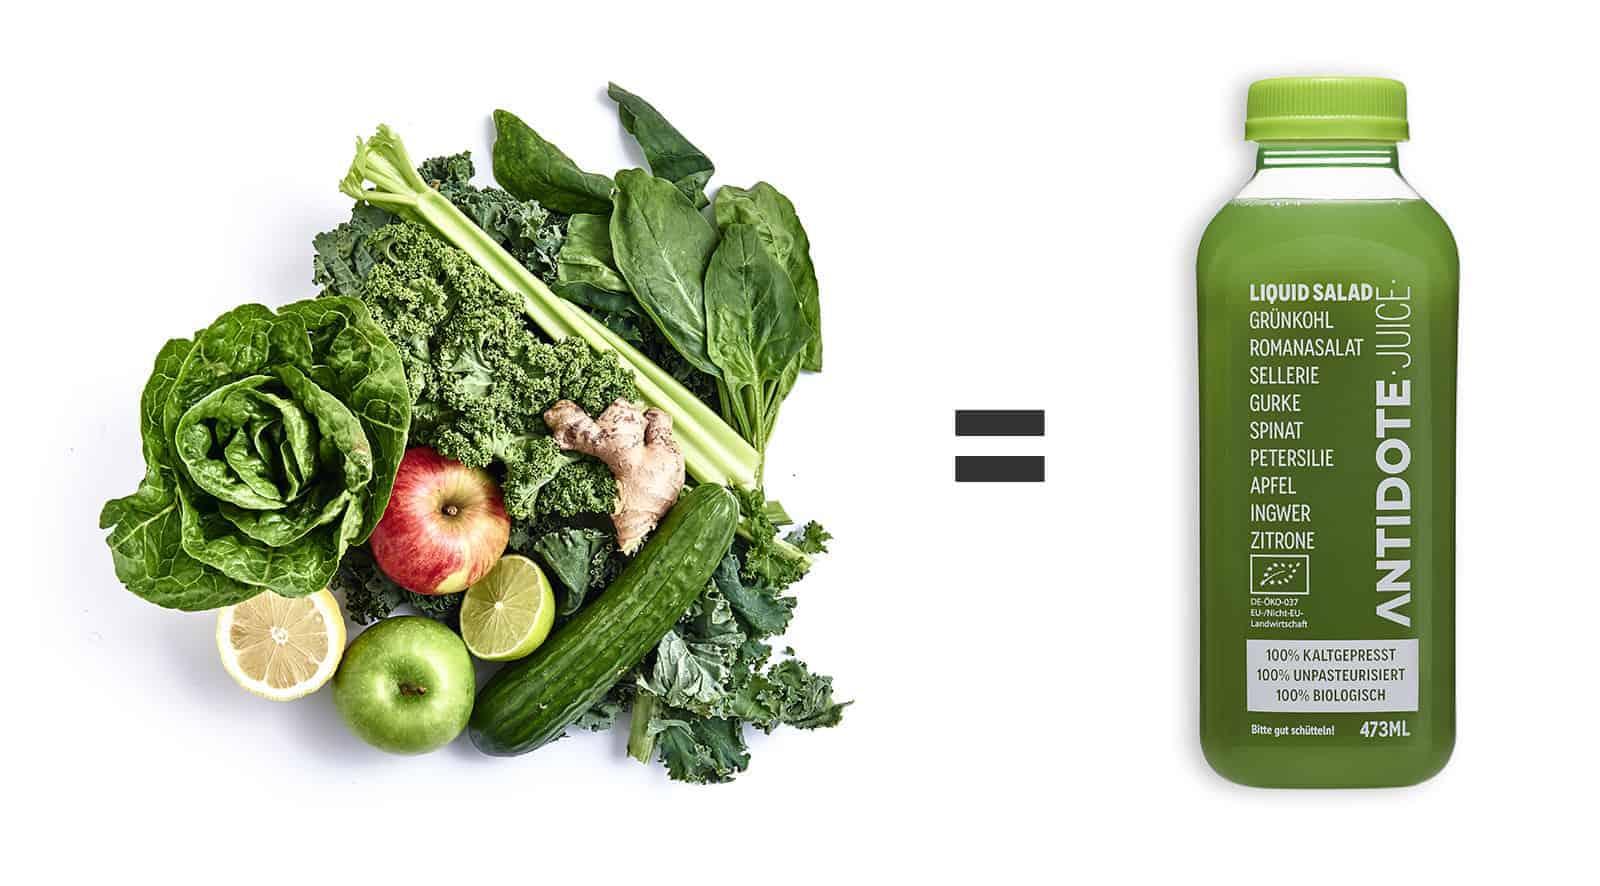 antidote-juice_liquid-salad_value